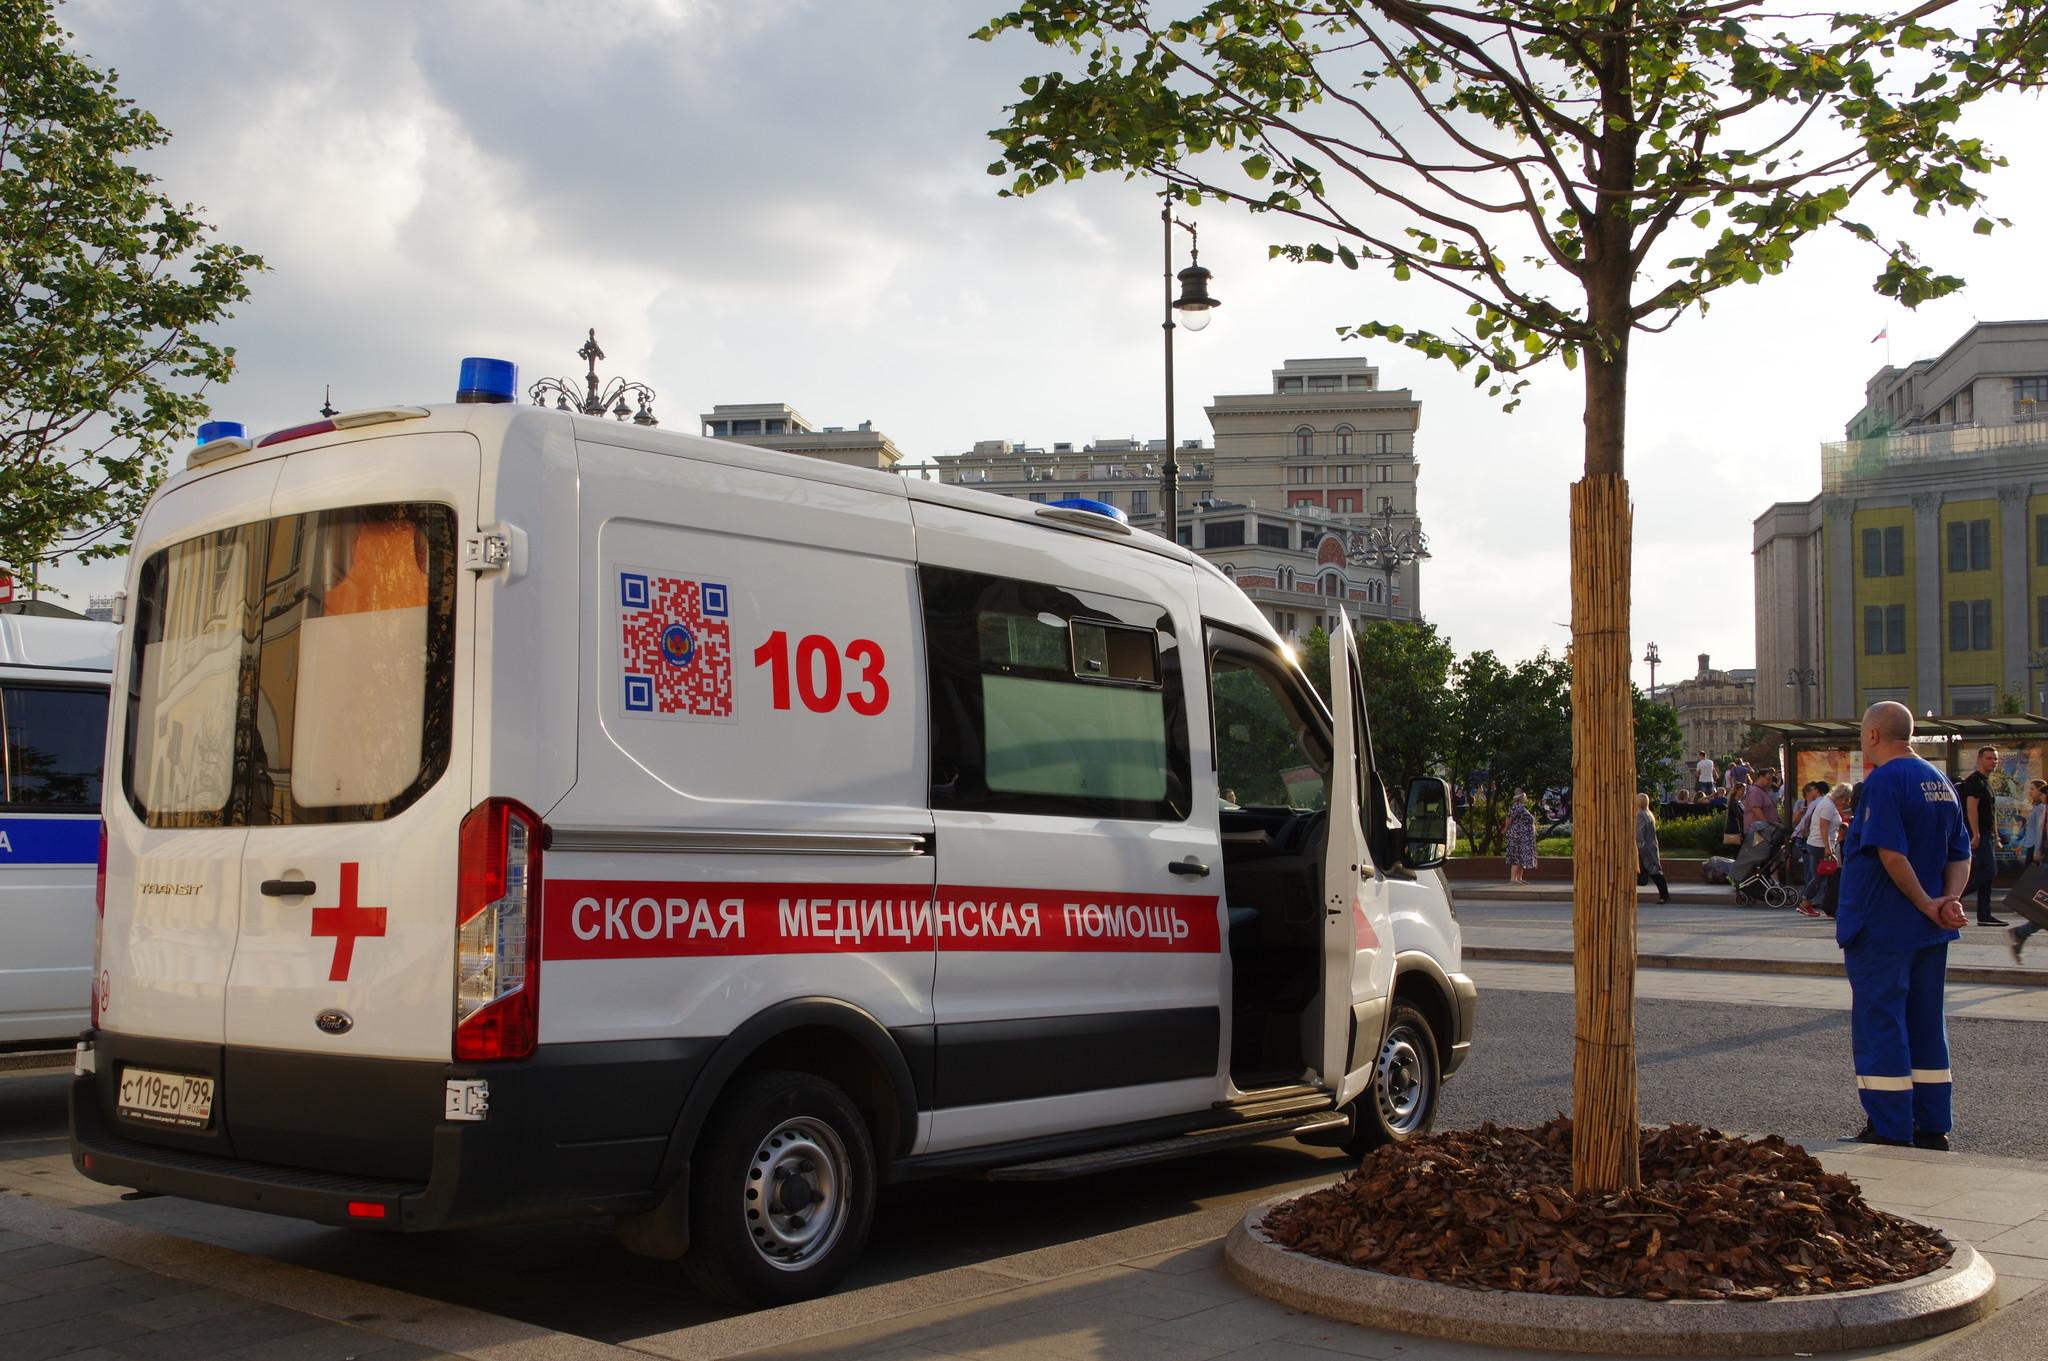 Автомобиль скорой медицинской помощи у Малого театра